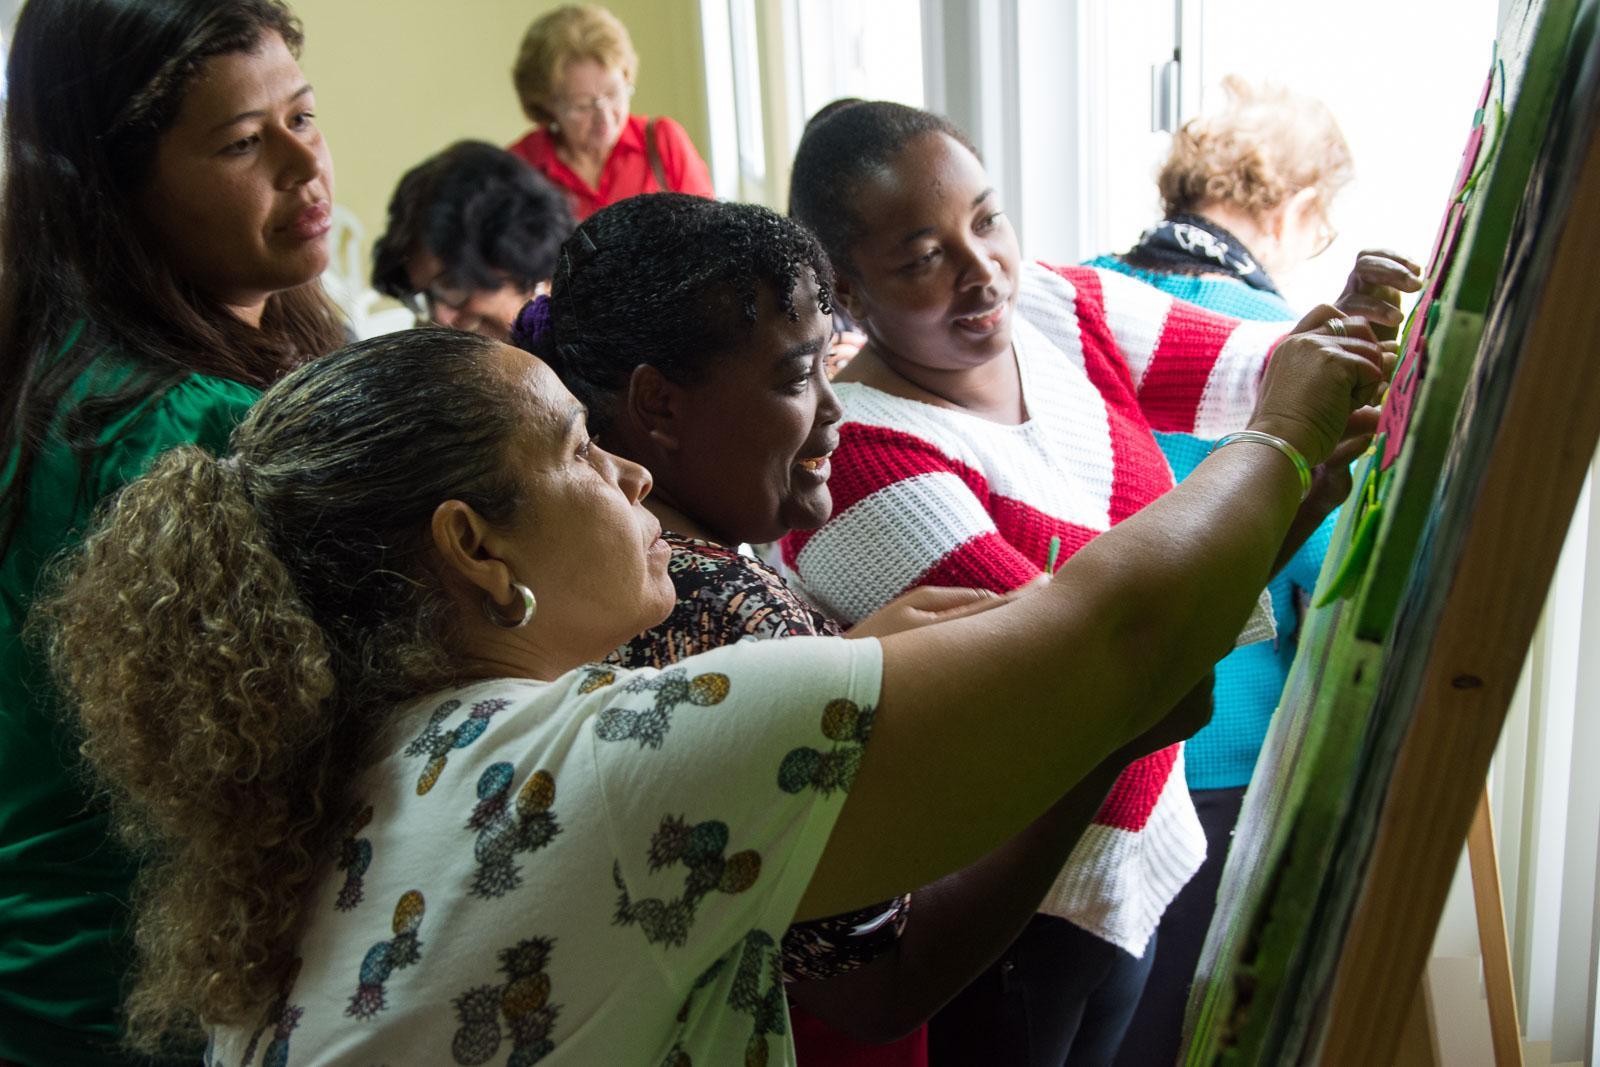 Evento discutiu direitos e empoderamento das mulheres em Itarana